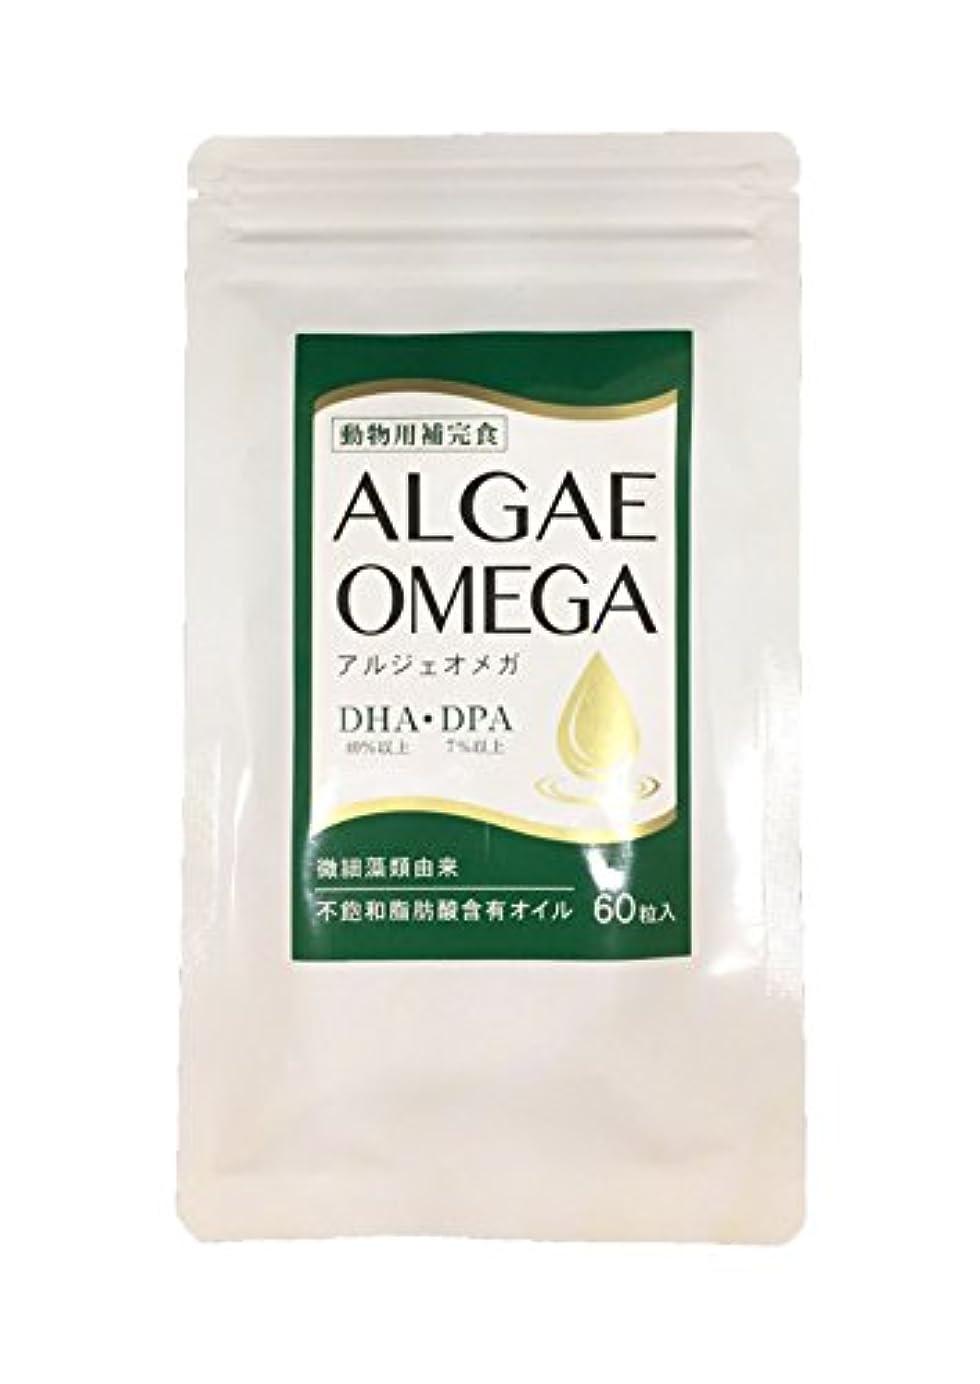 閉じるとても太いAHS 60粒 アルジェオメガ 犬用 猫用 ペット用 サプリメント オメガ3 脂肪酸 DHA DPA